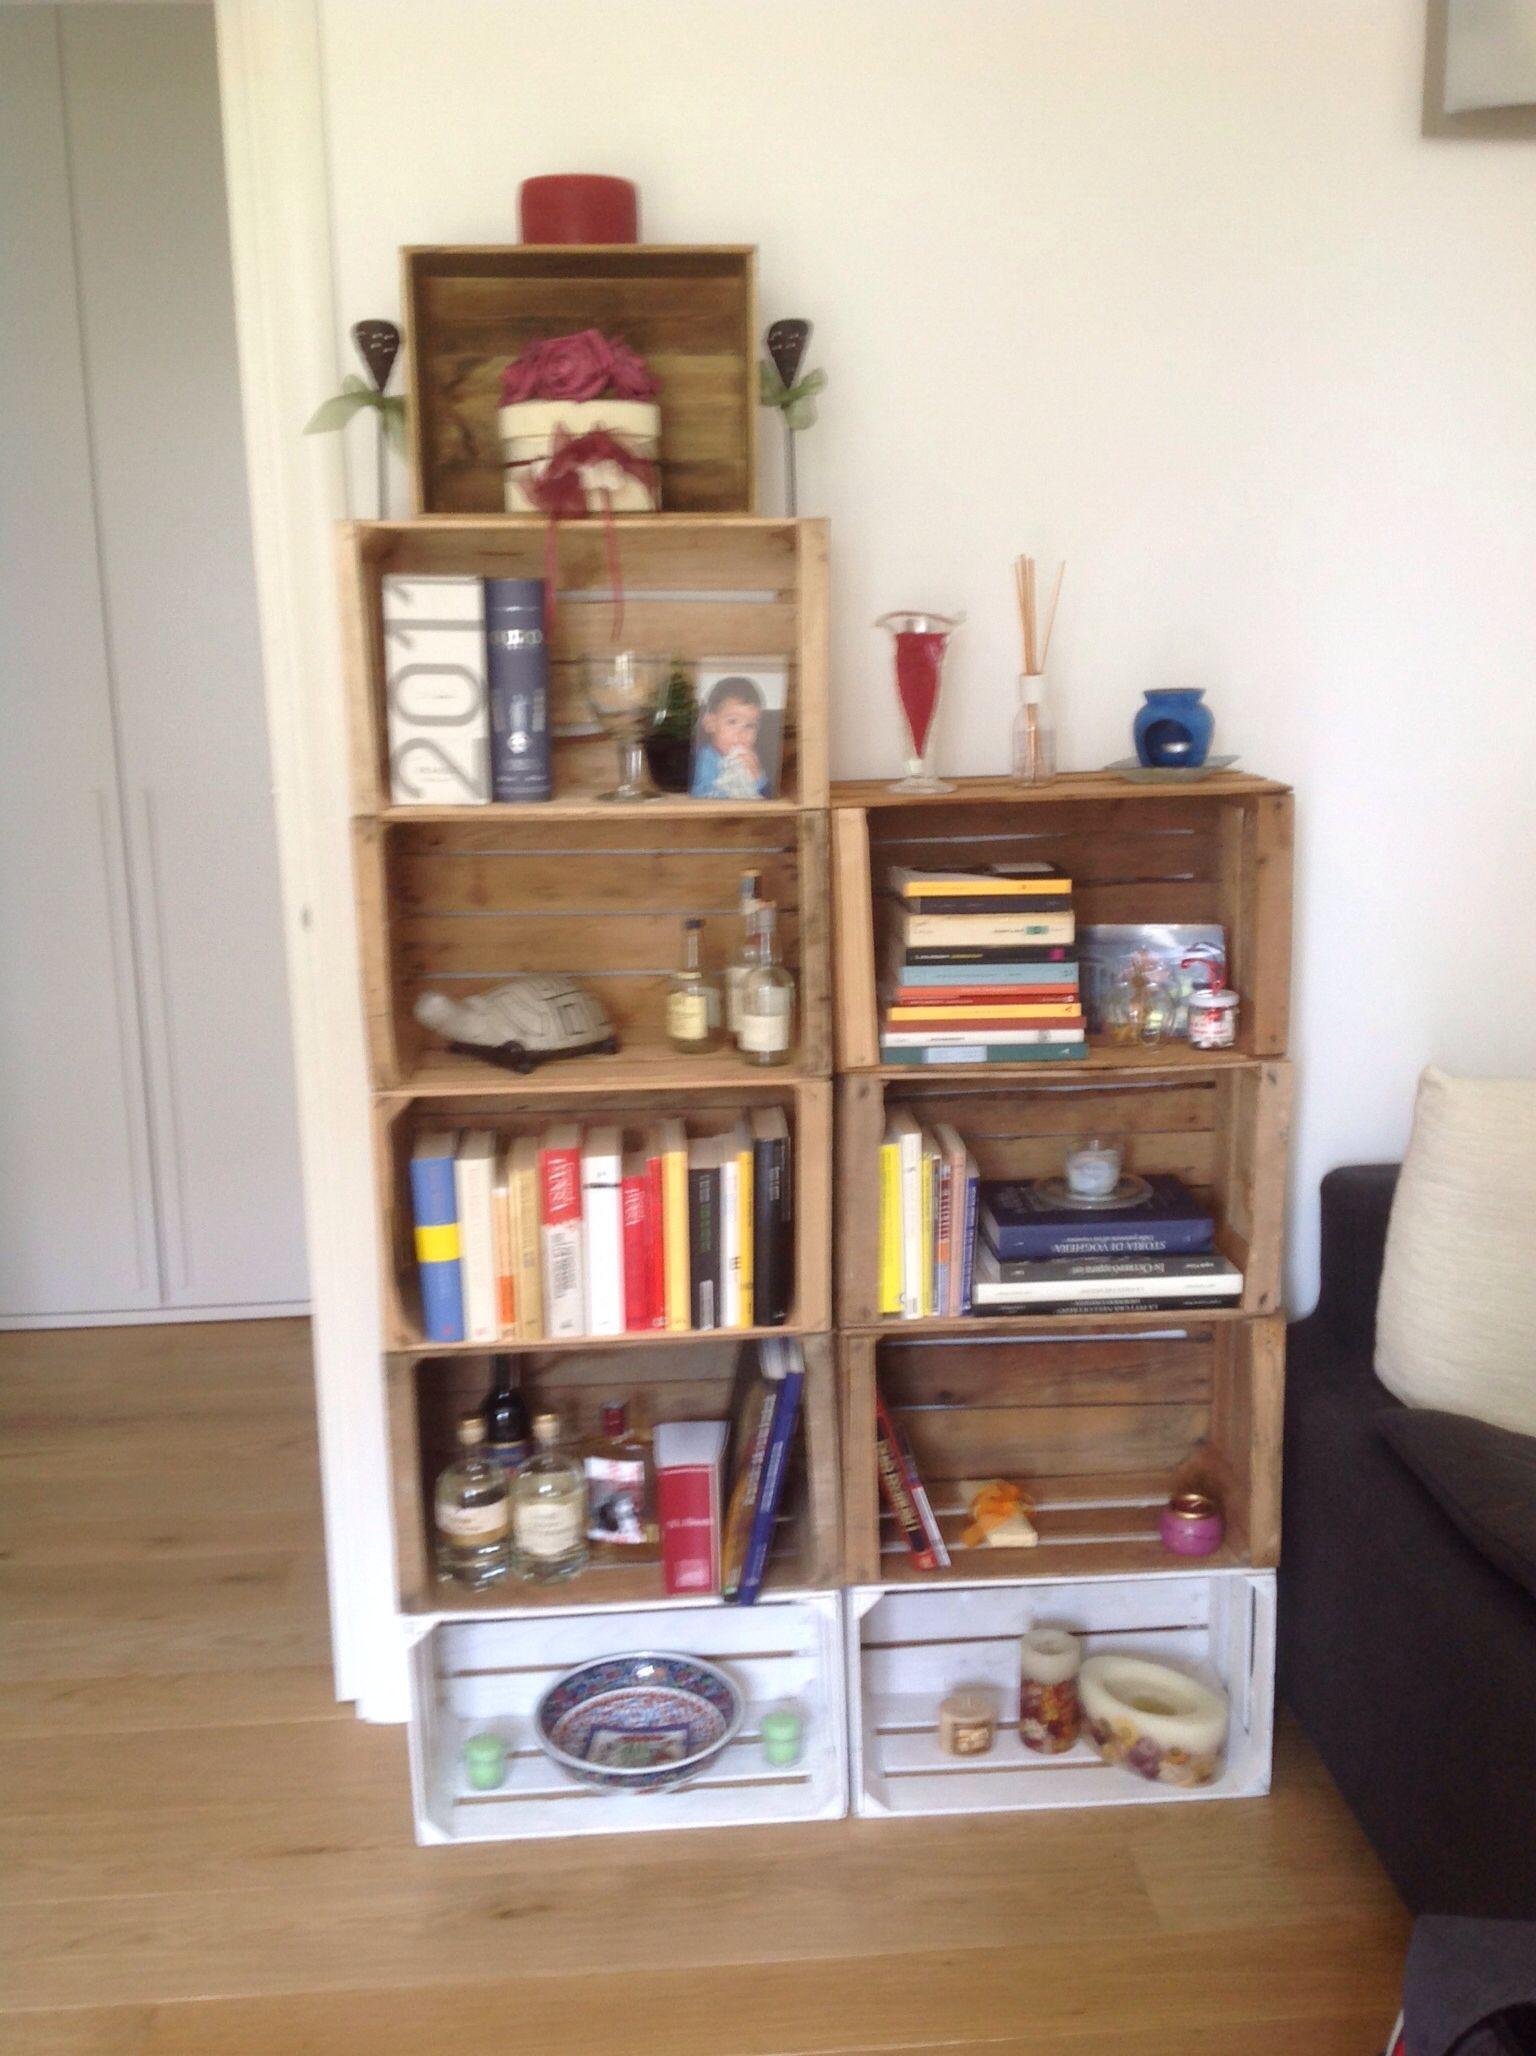 My crate storege bookshelf